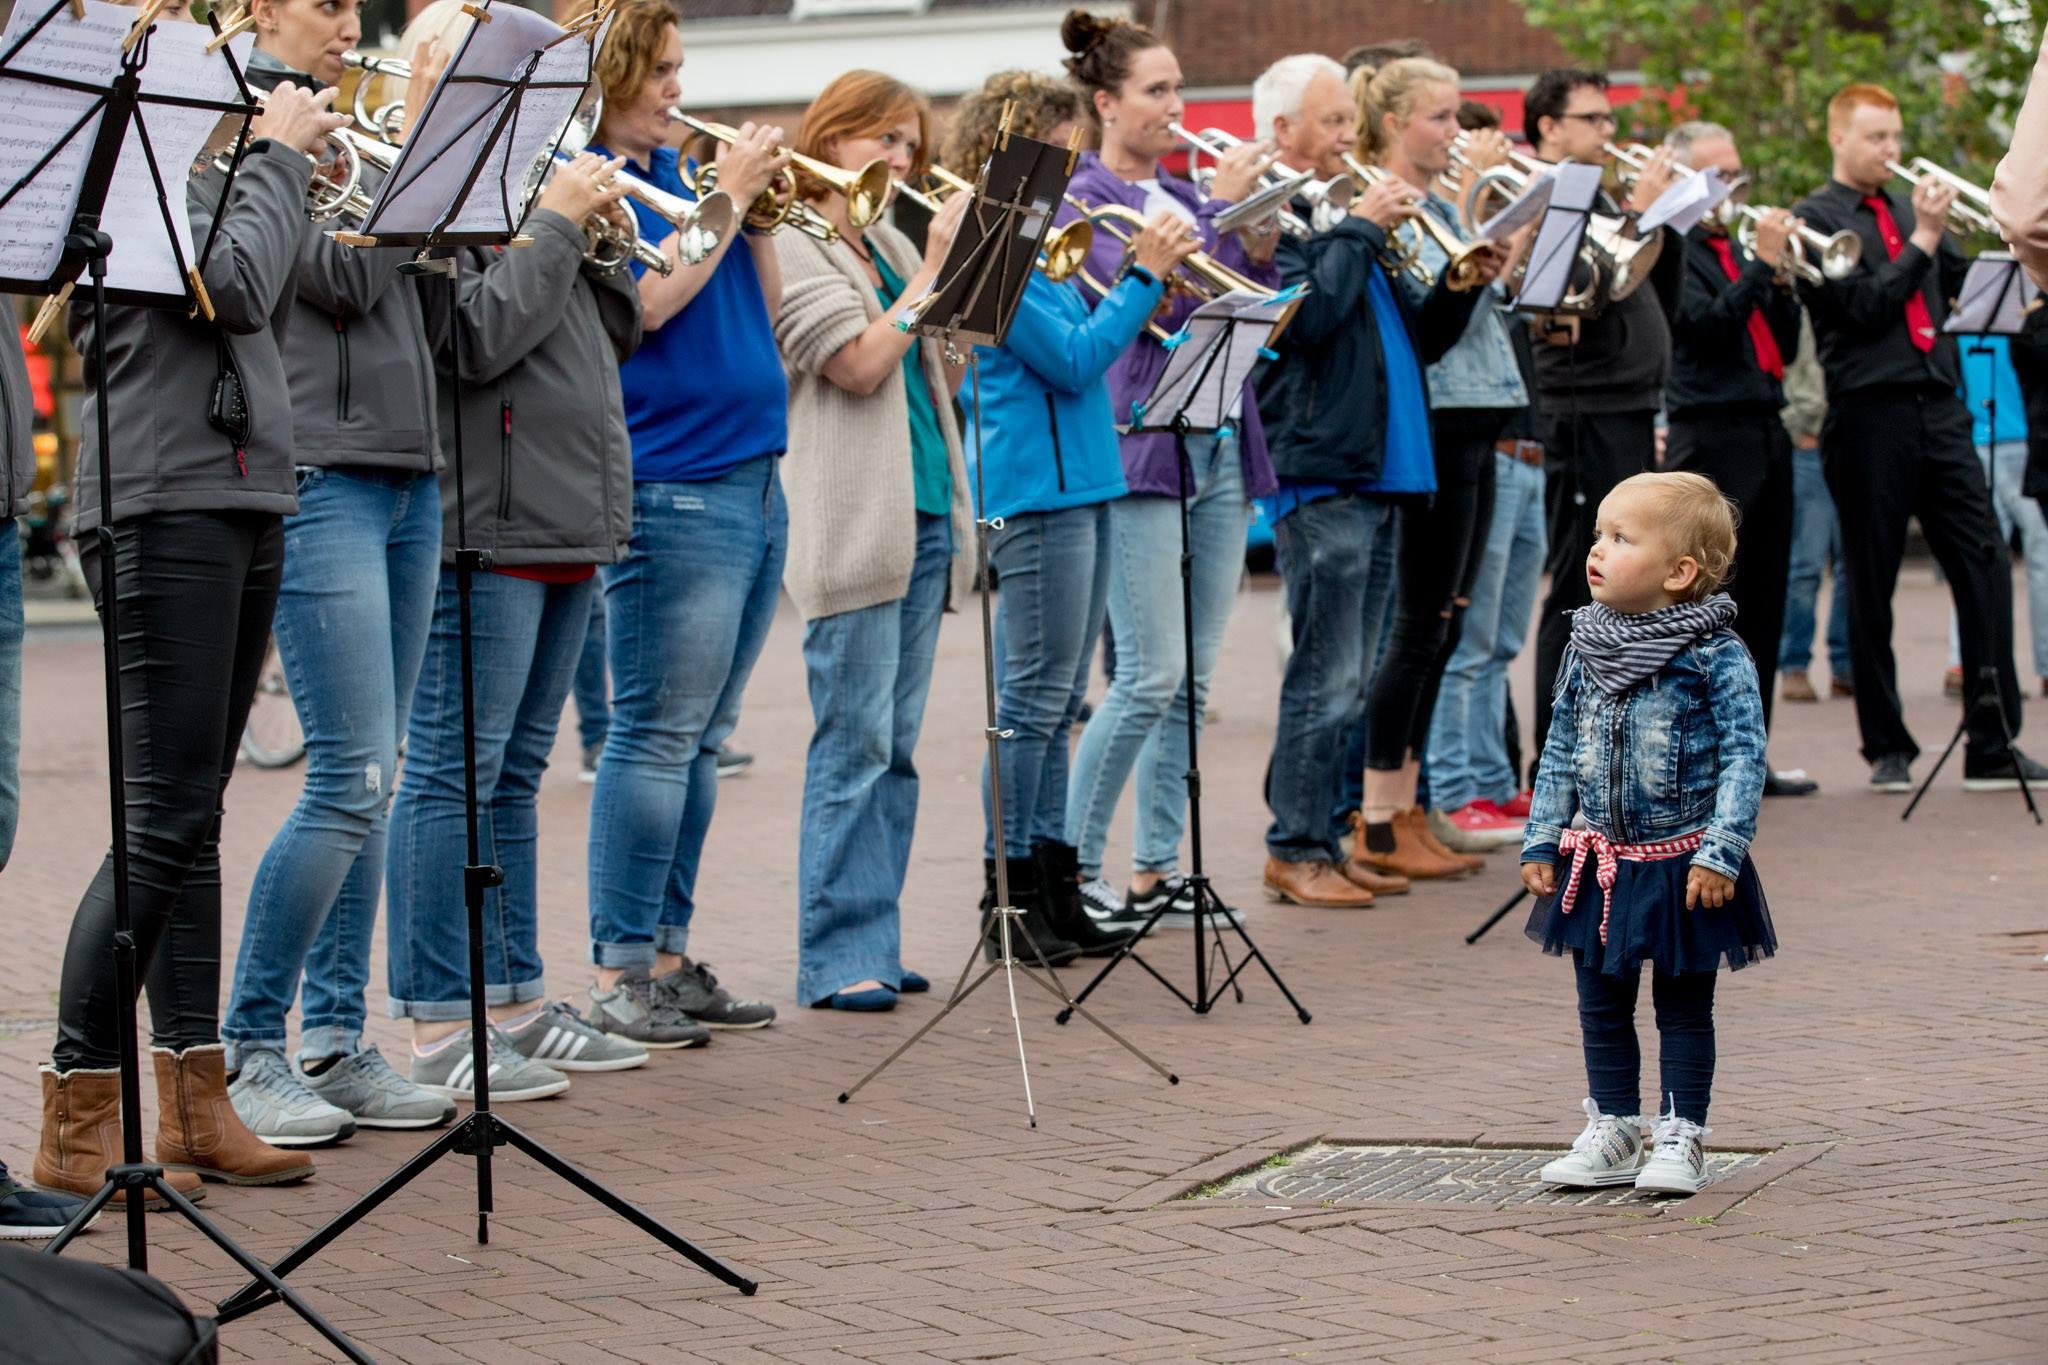 Muziek is de toekomst van cultuur in Leeuwarden